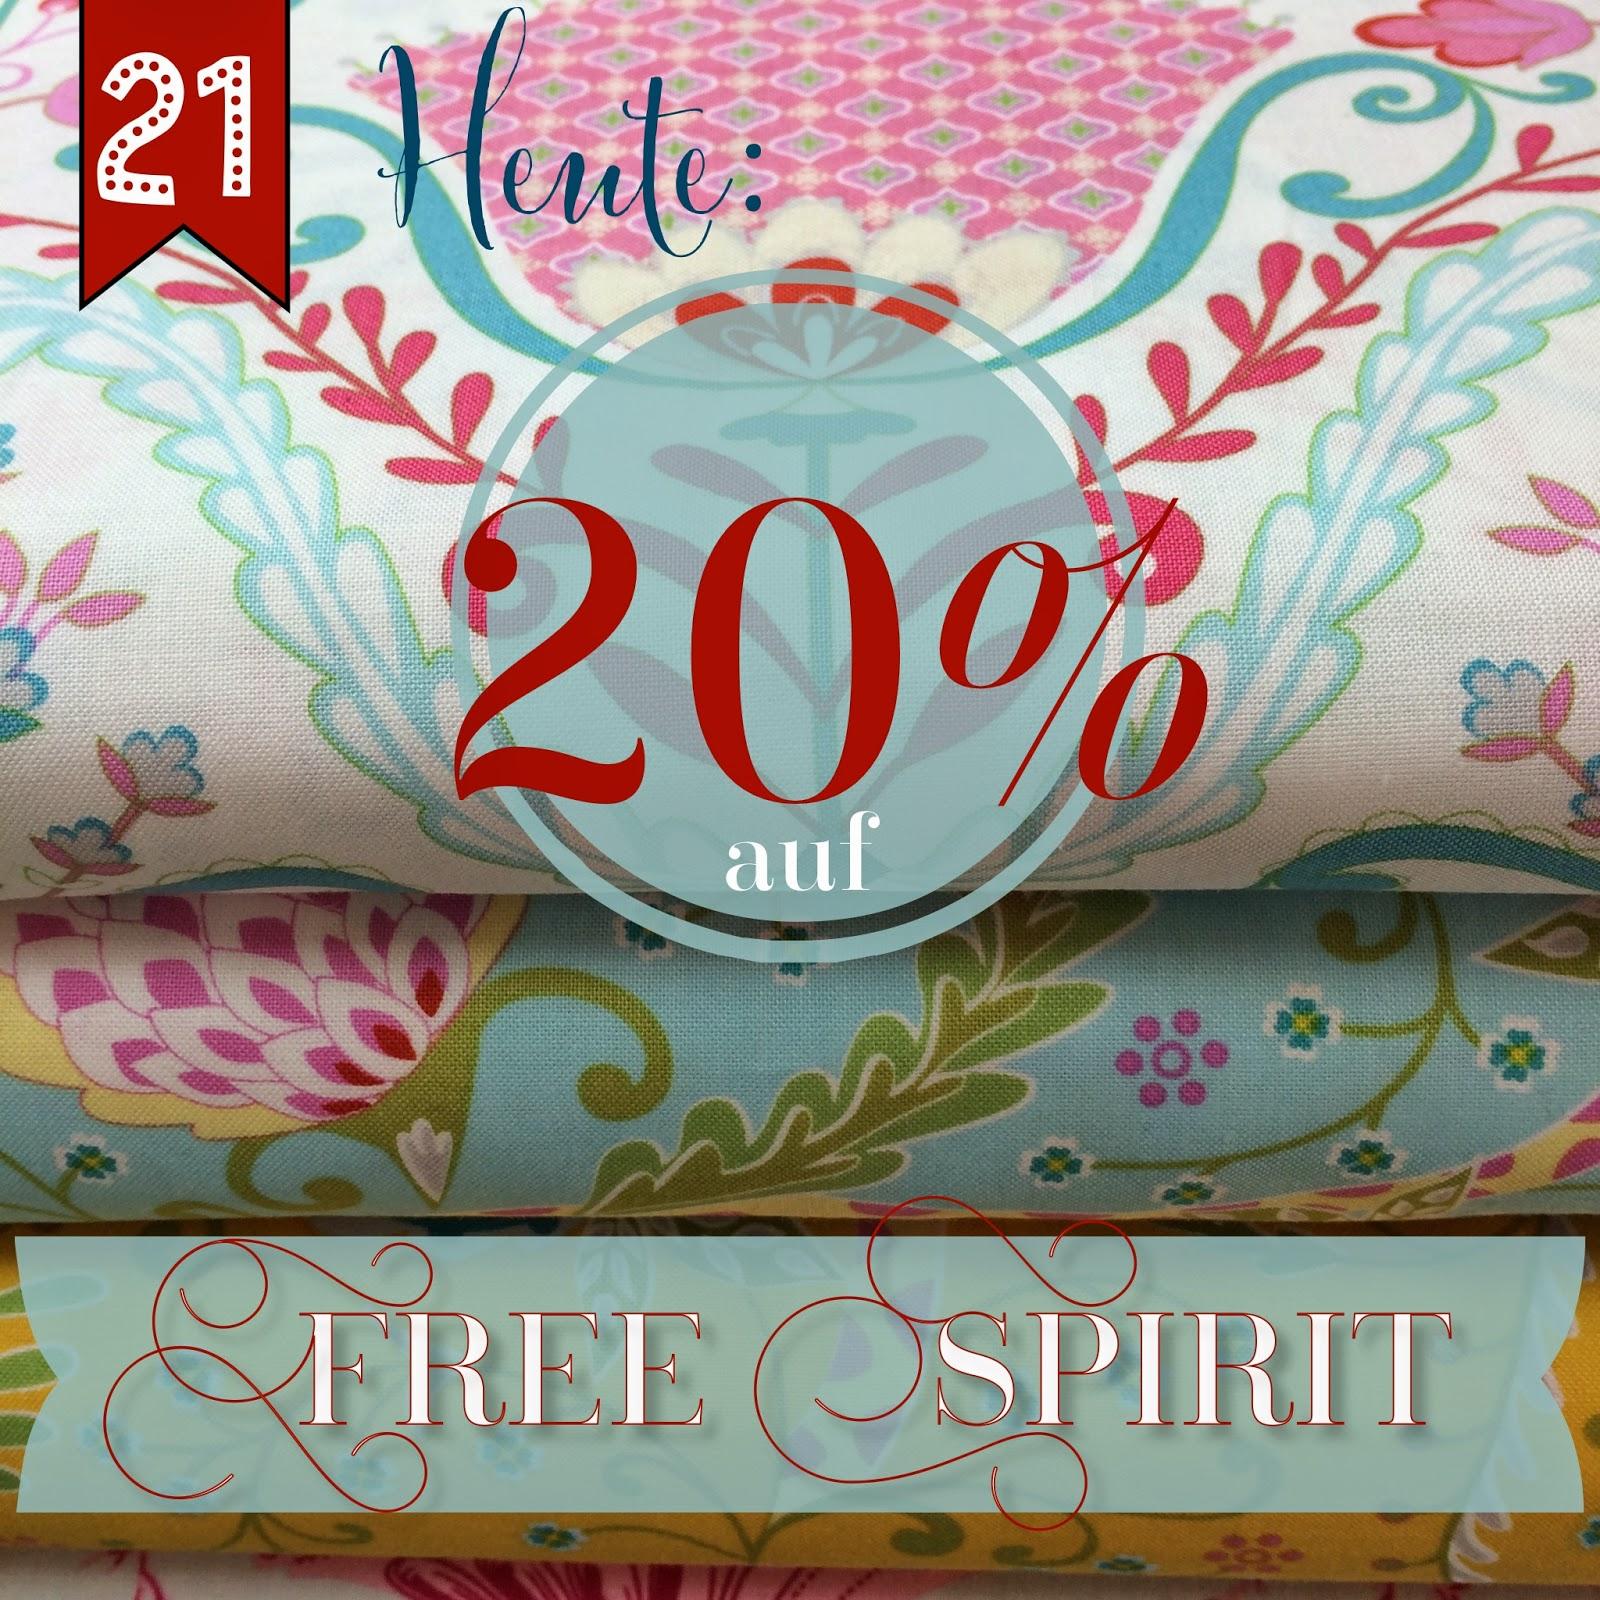 Türchen N°21 im Adventsmirakel: 20% Rabatt auf Stoffe von Free Spirit! 2